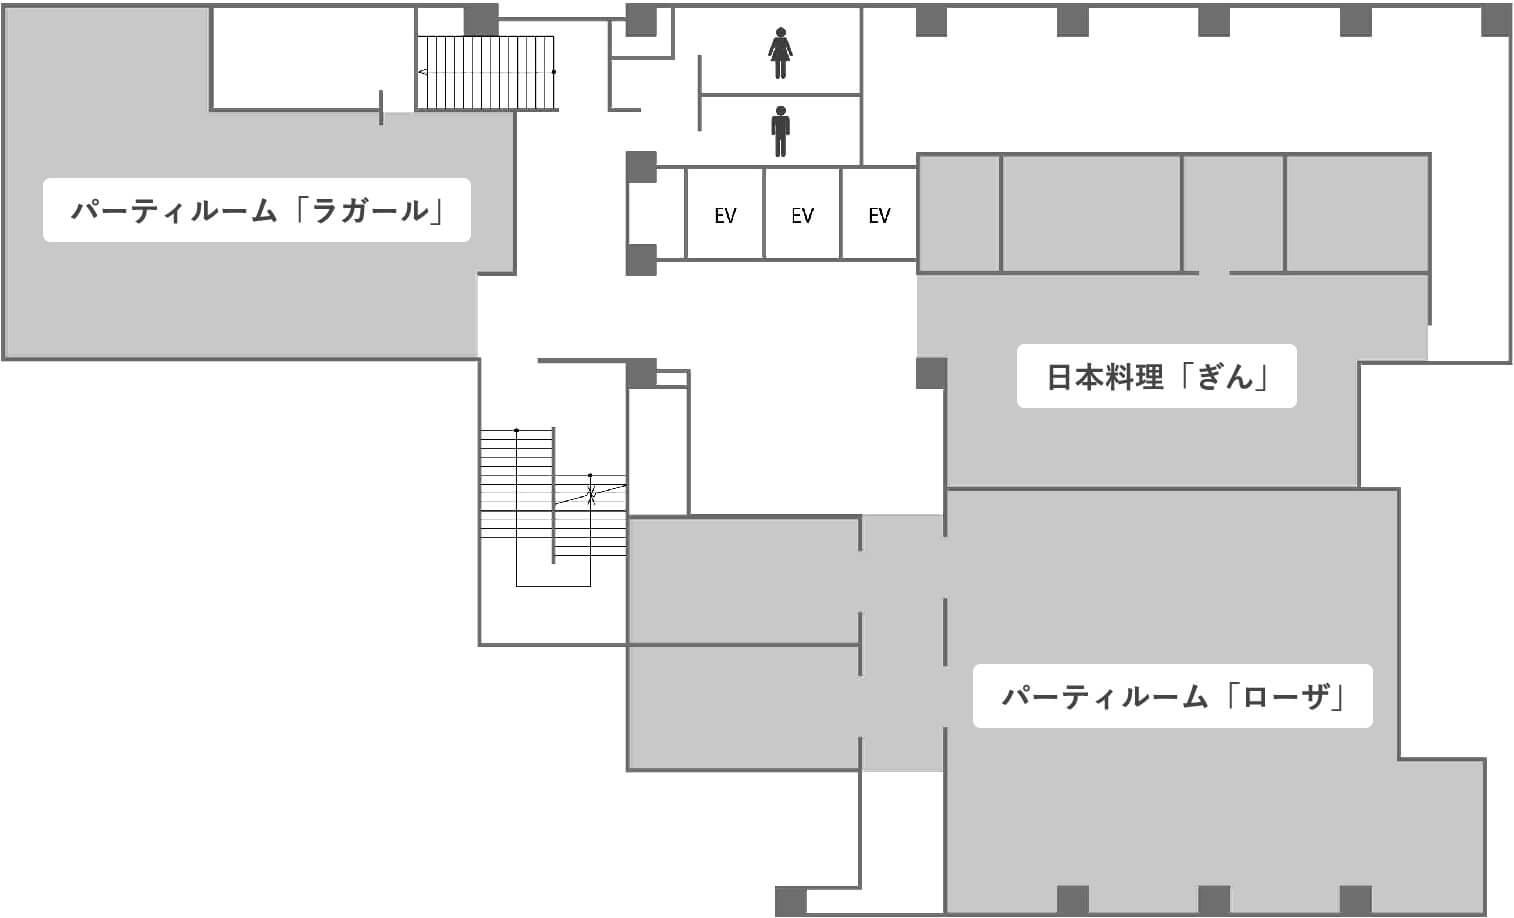 地下1階のフロアマップ画像